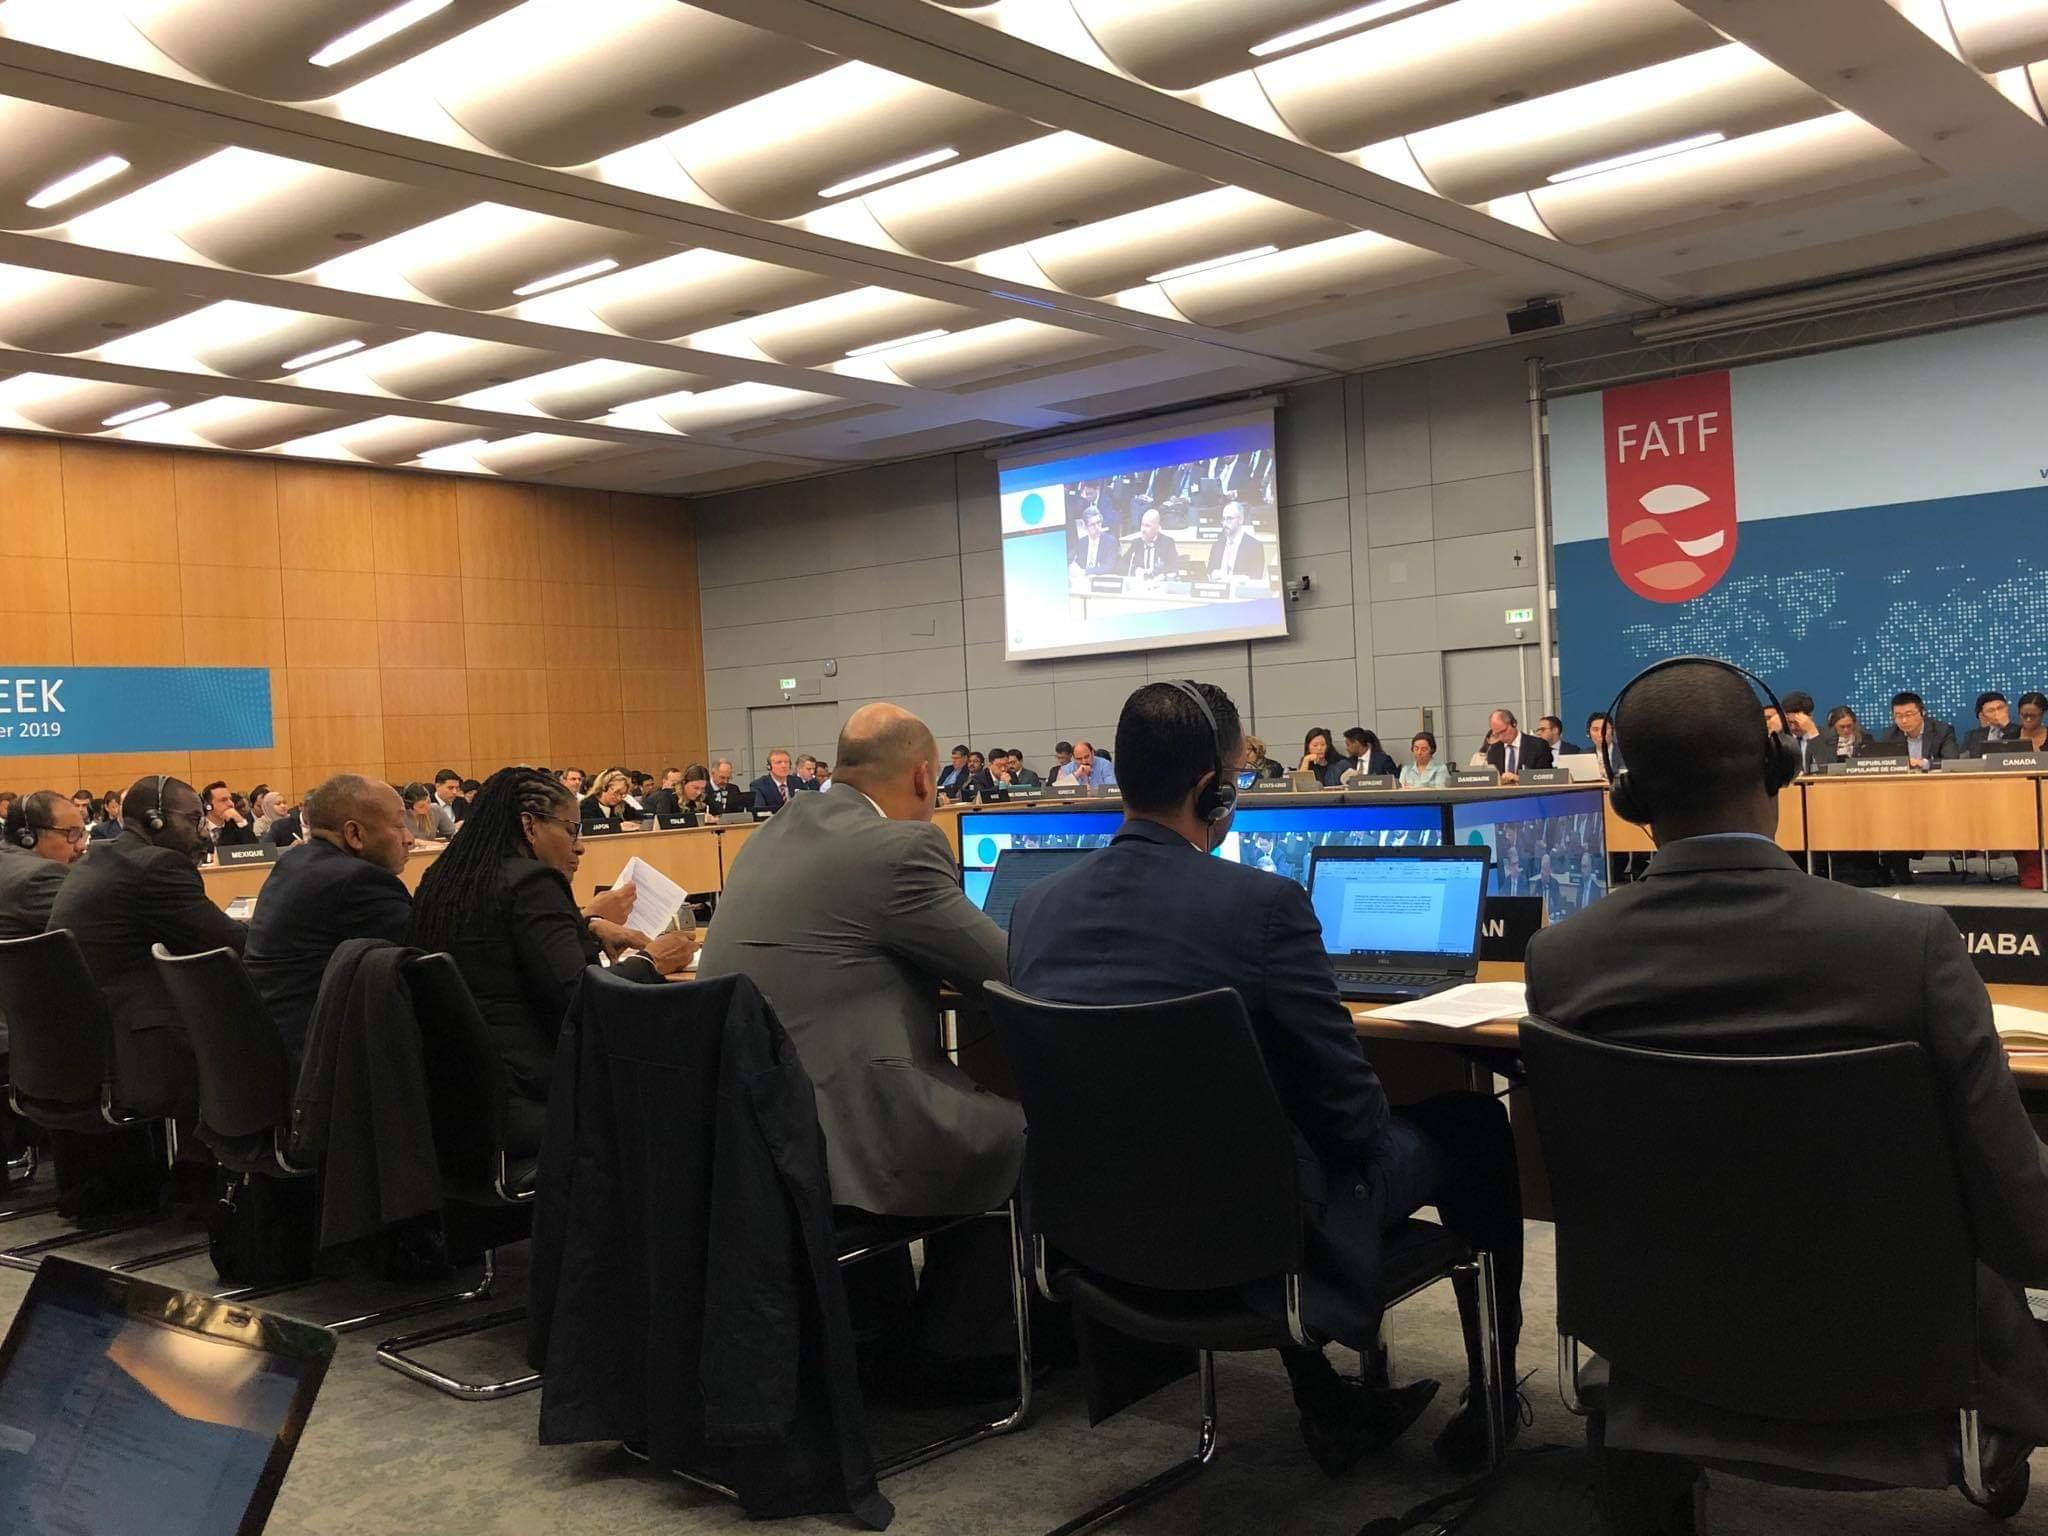 باريس: الجلسة العامة لمجموعة العمل المالي GAFI تقرّر إخراج تونس من قائمة الدول التي تشكو نقائص في منظومة مكافحة الإرهاب وغسل الأموال: